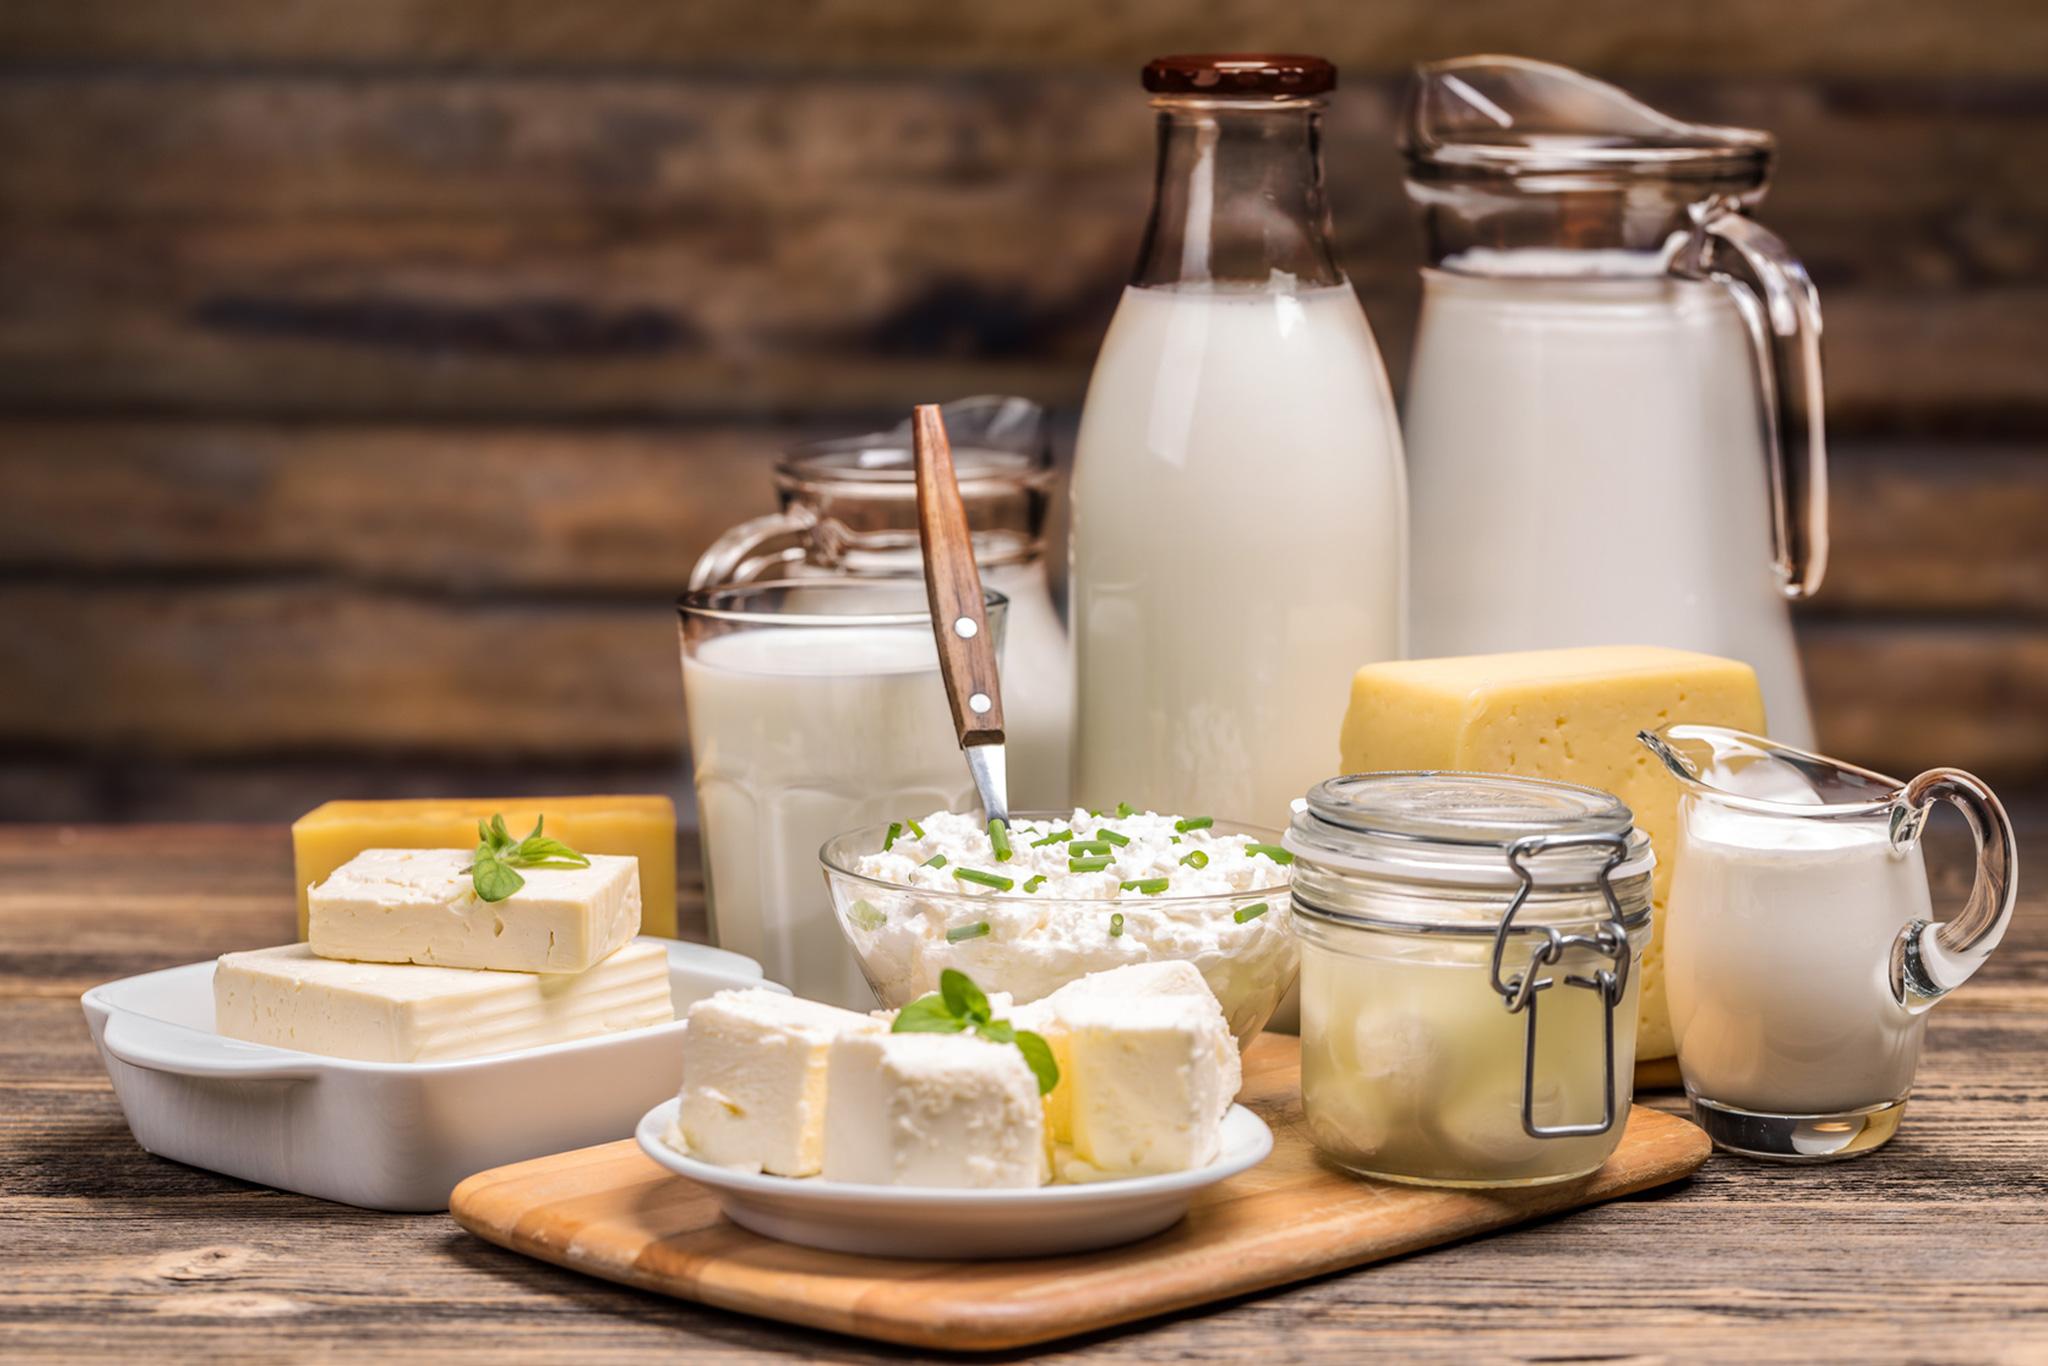 Bollettini e mercato trade: prezzi stabili, carenza di disponibilità per la crema